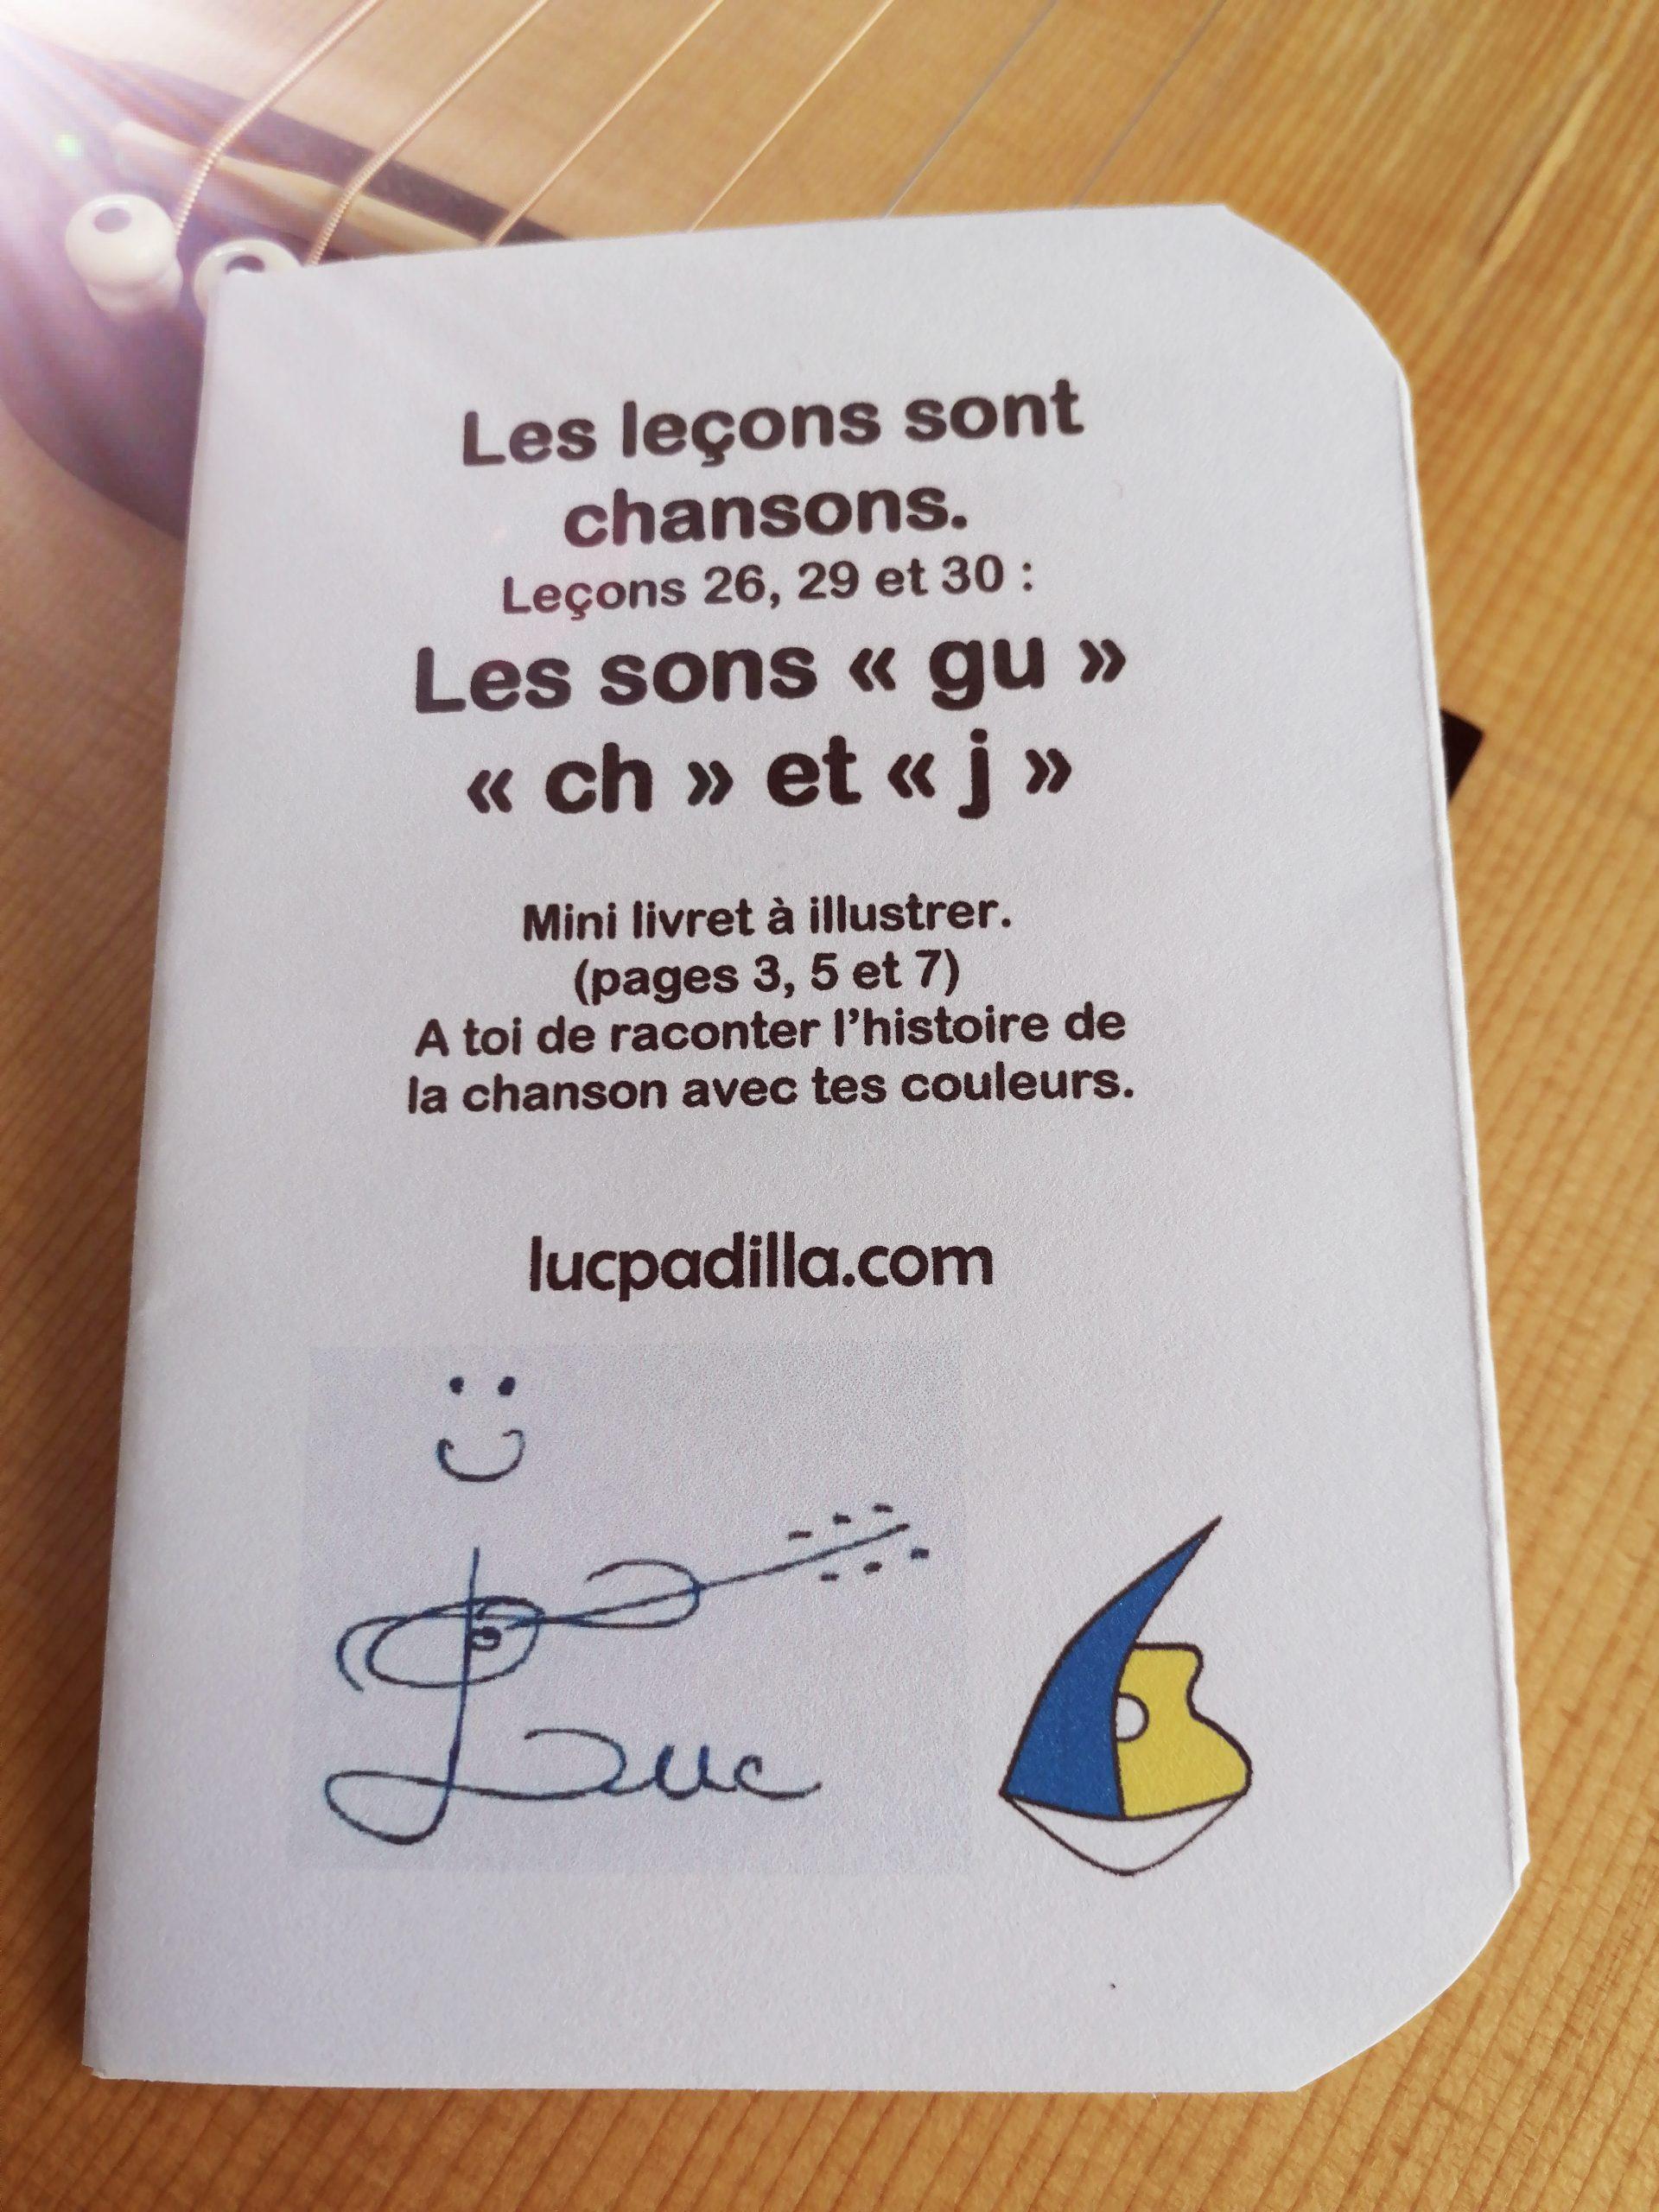 """Leçons 26, 29 et 30 Les sons """"gu"""" """"ch"""" et """"j"""""""